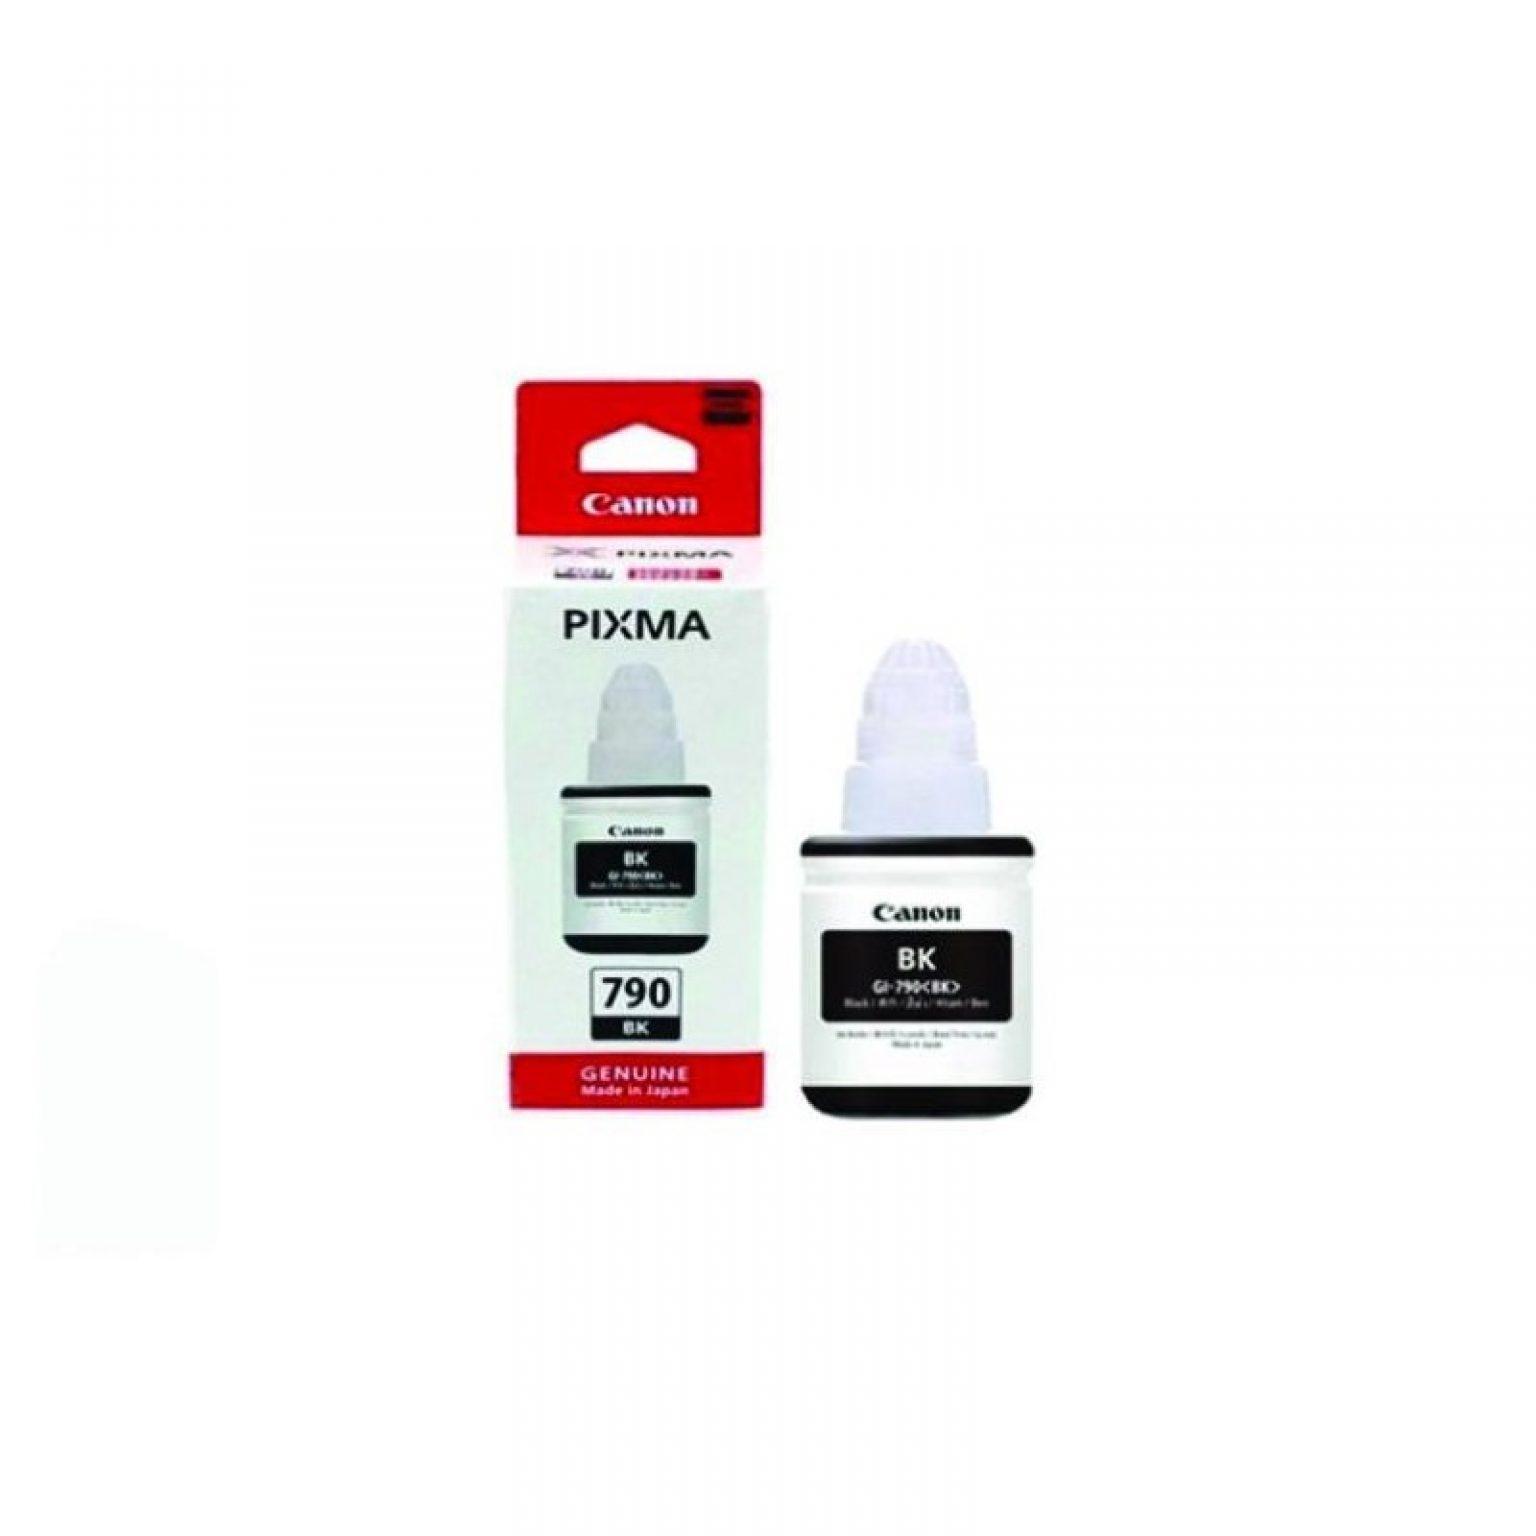 CANON - Ink Bottle GI-790 Black [GI790B]